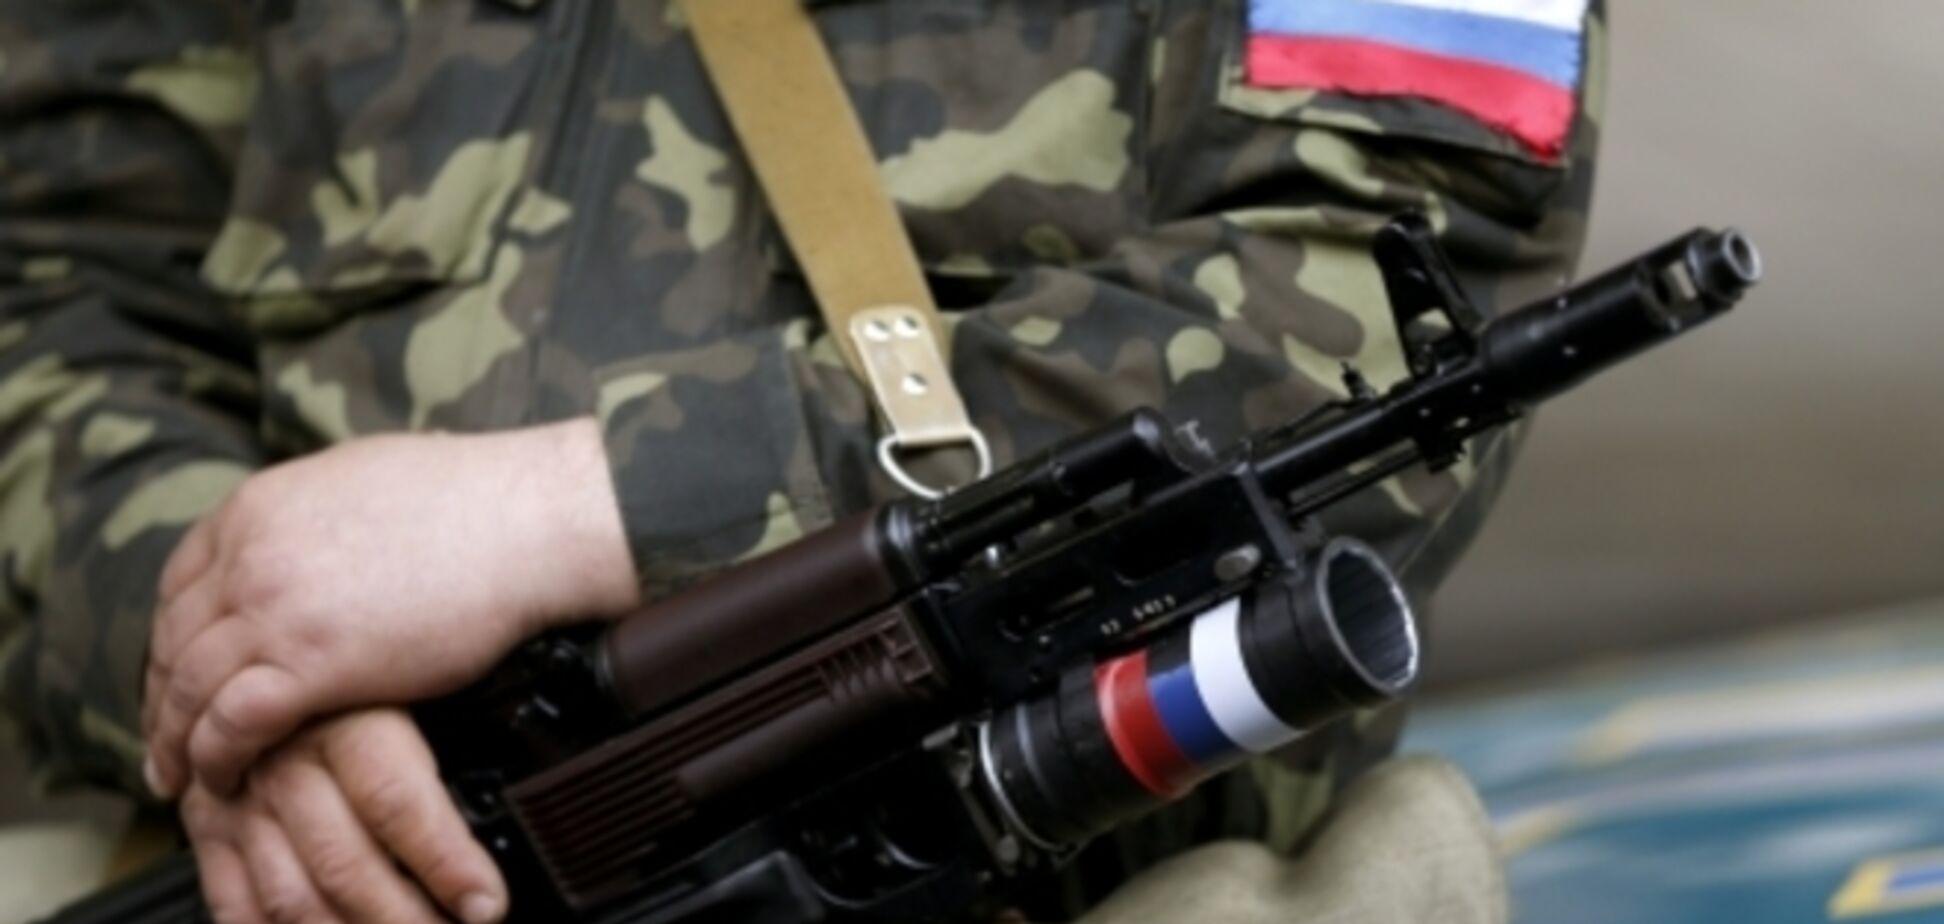 В Макеевке неизвестные открыли стрельбу из машины: ранены женщина и ребенок